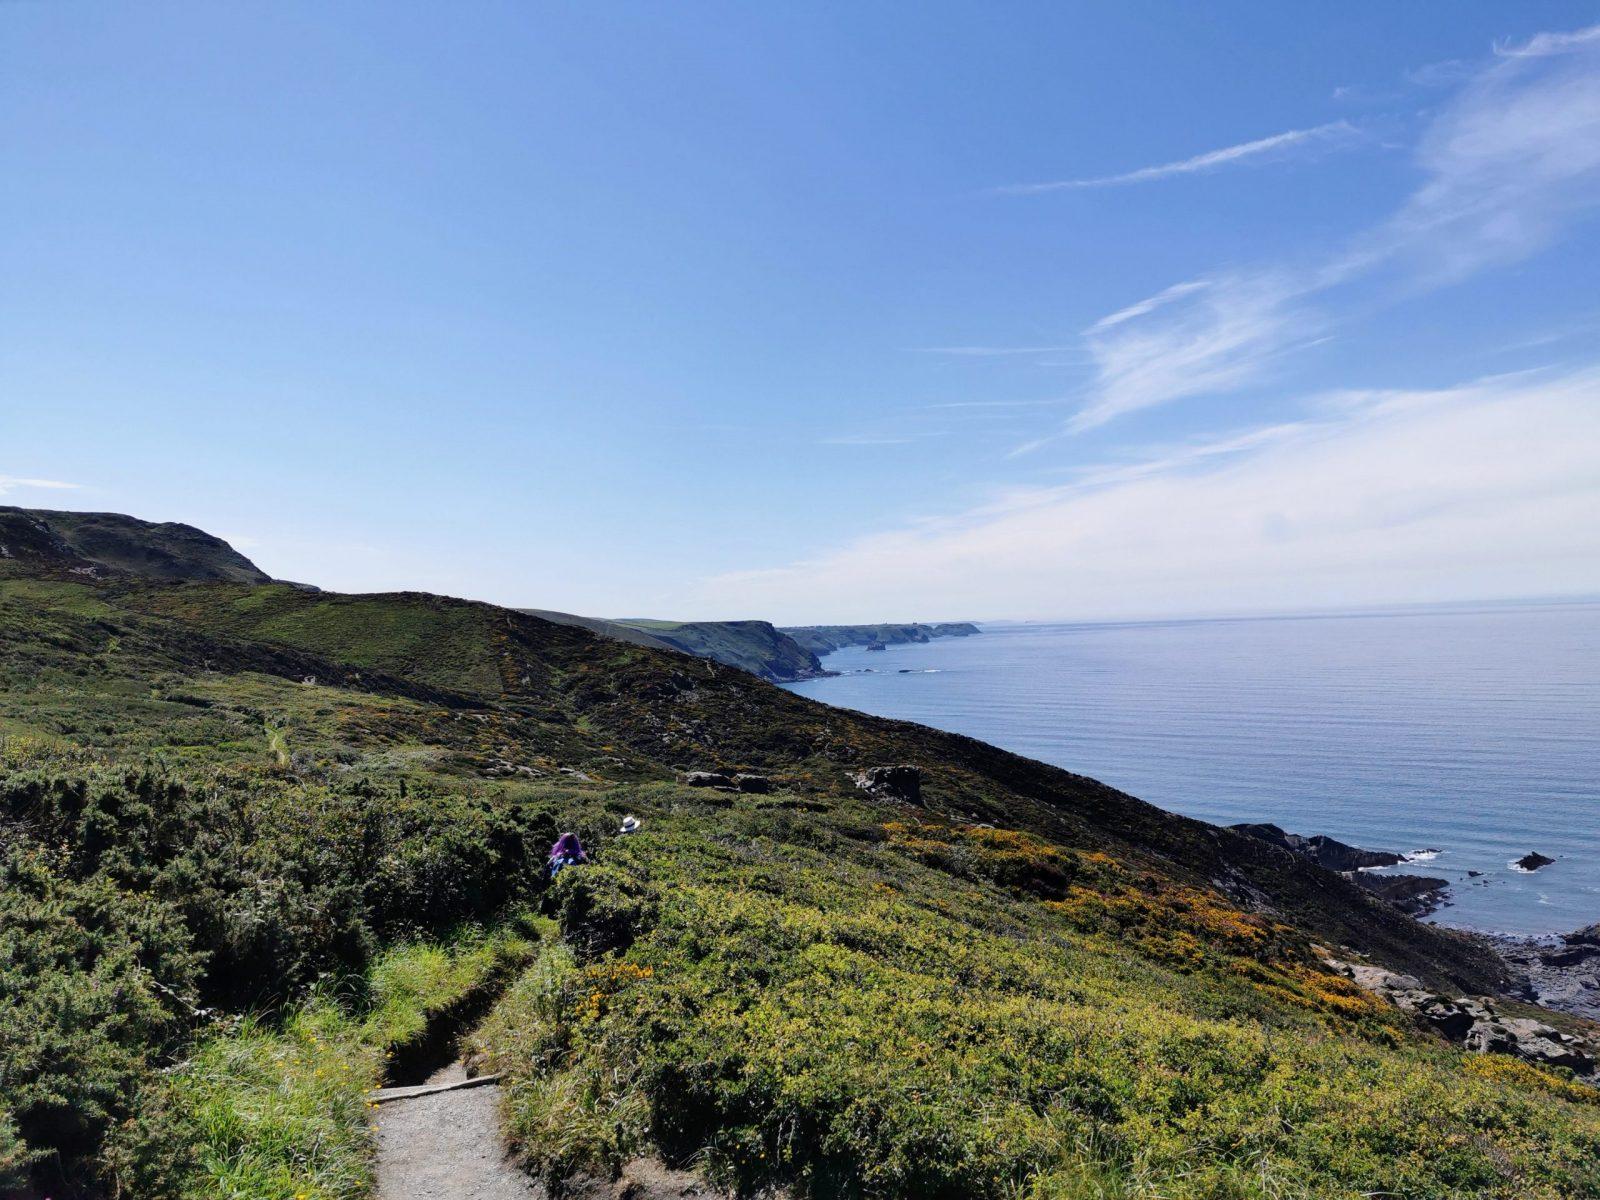 The Strangles Beach & Trail: A Hidden & Quiet Beach in Cornwall 6